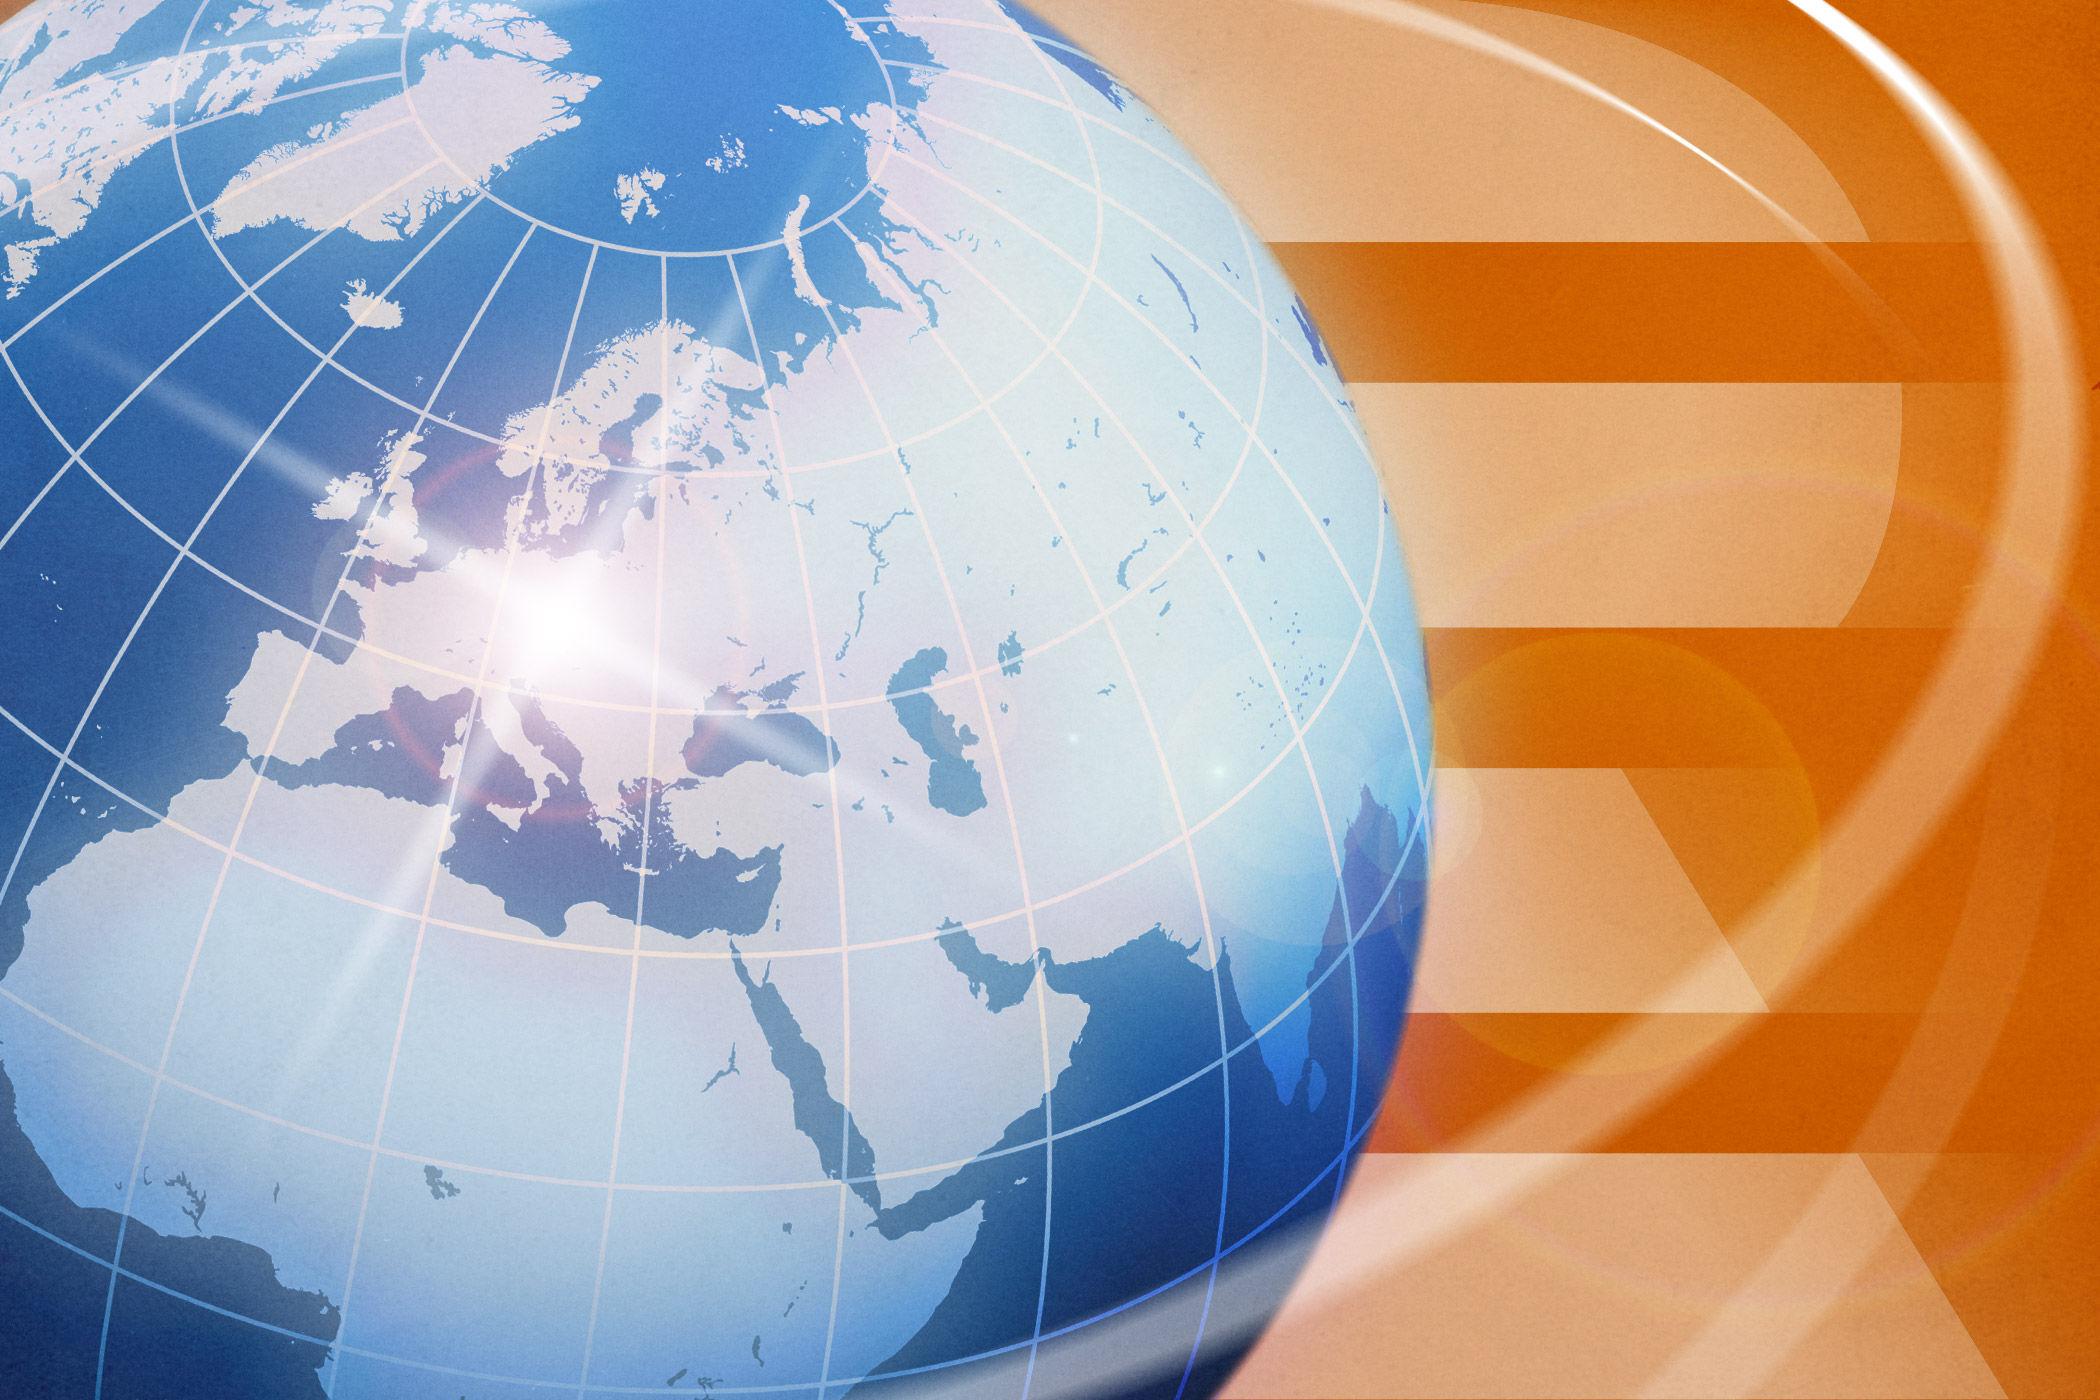 Obrázek Zprávy, Aktuální události doma i ve světě